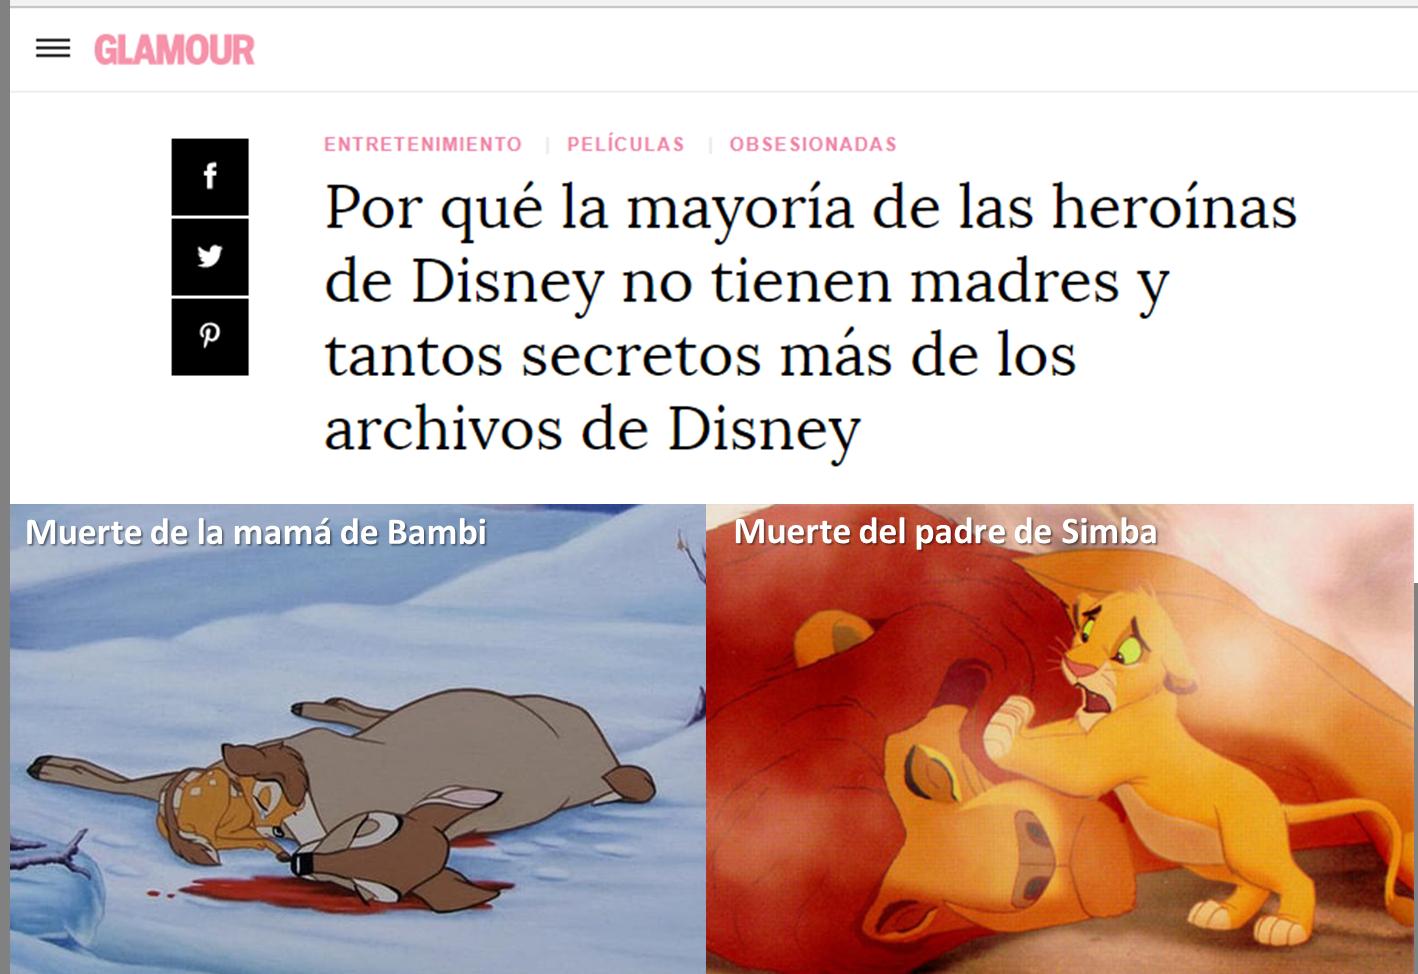 La muerte de los padres en los dibujos animados de Disney